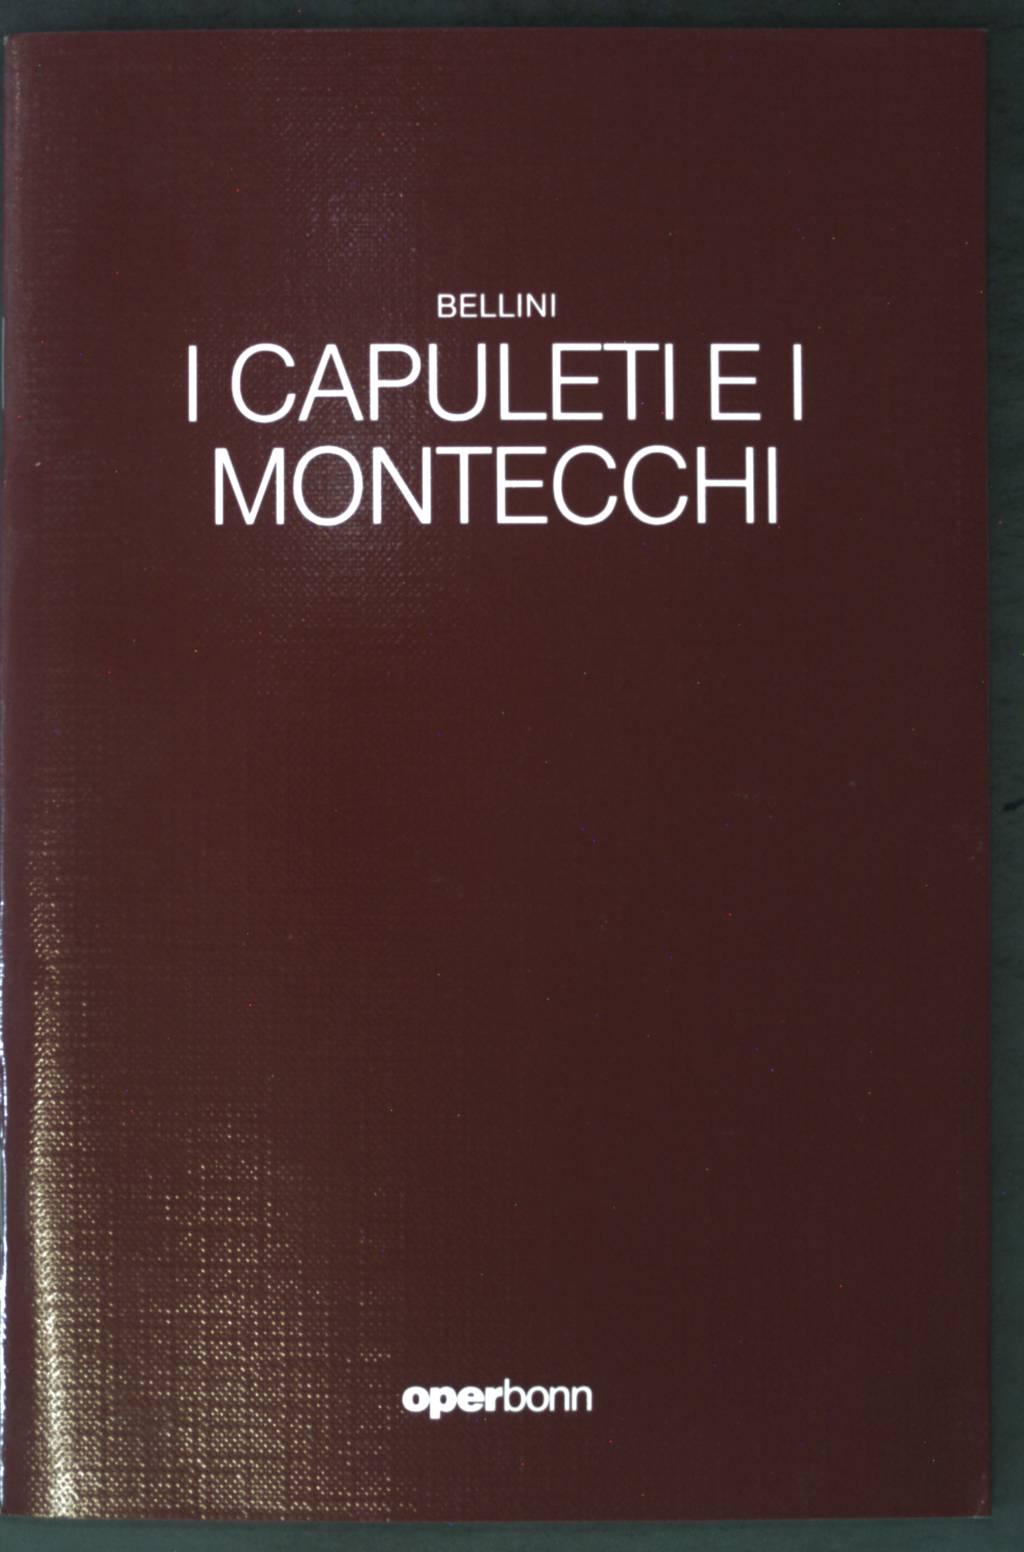 I Capuleti e i Montecchi; Oper;: Bellini, Vincenzo: